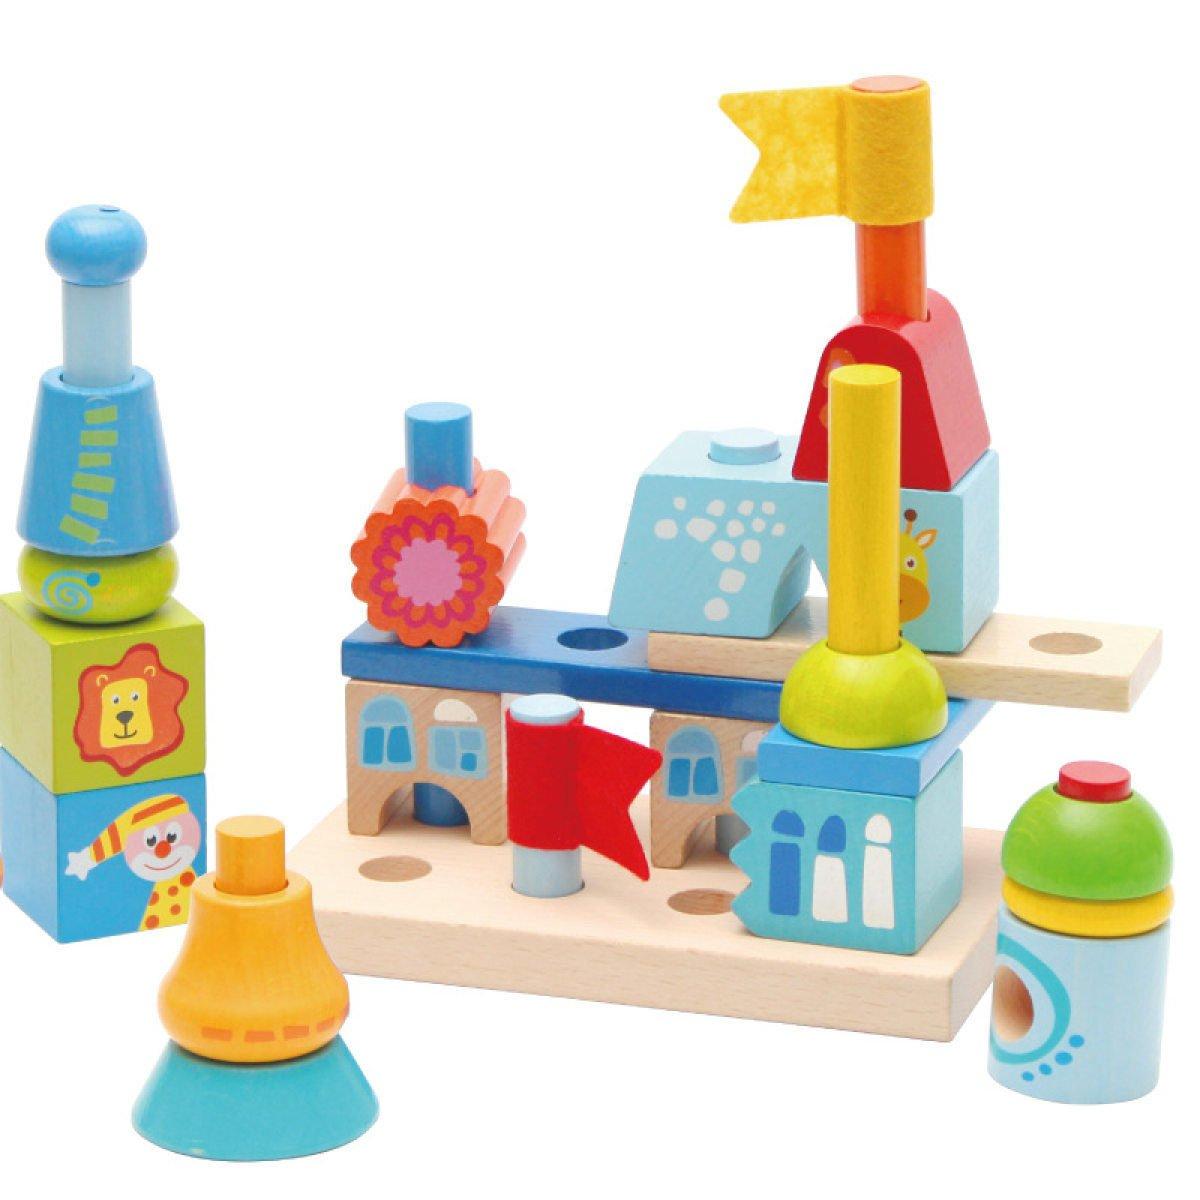 MEI Juguetes Para Niños Bloques De Construcción Para Niños Educación Infantil Juguetes Educativos Para Niños Pequeños Tamaño Del Producto: 13.8in  13.9in  2in